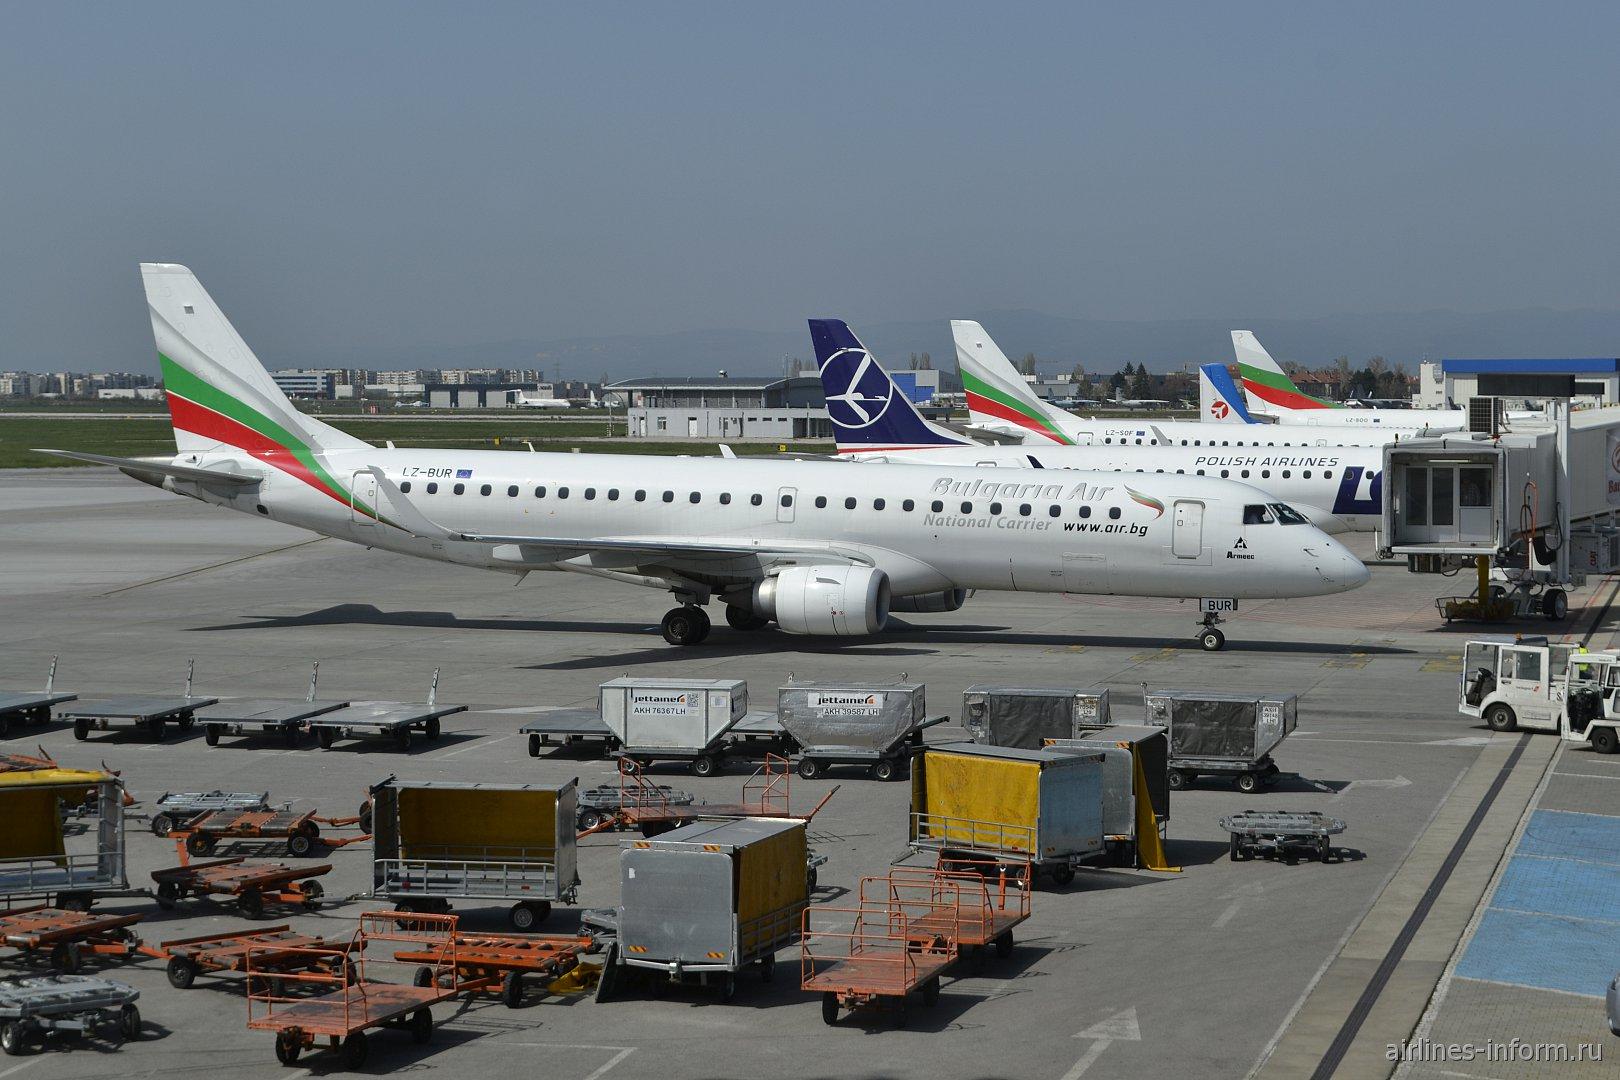 Самолет Embraer 190 LZ-BUR авиакомпании Bulgaria Air в аэропорту София